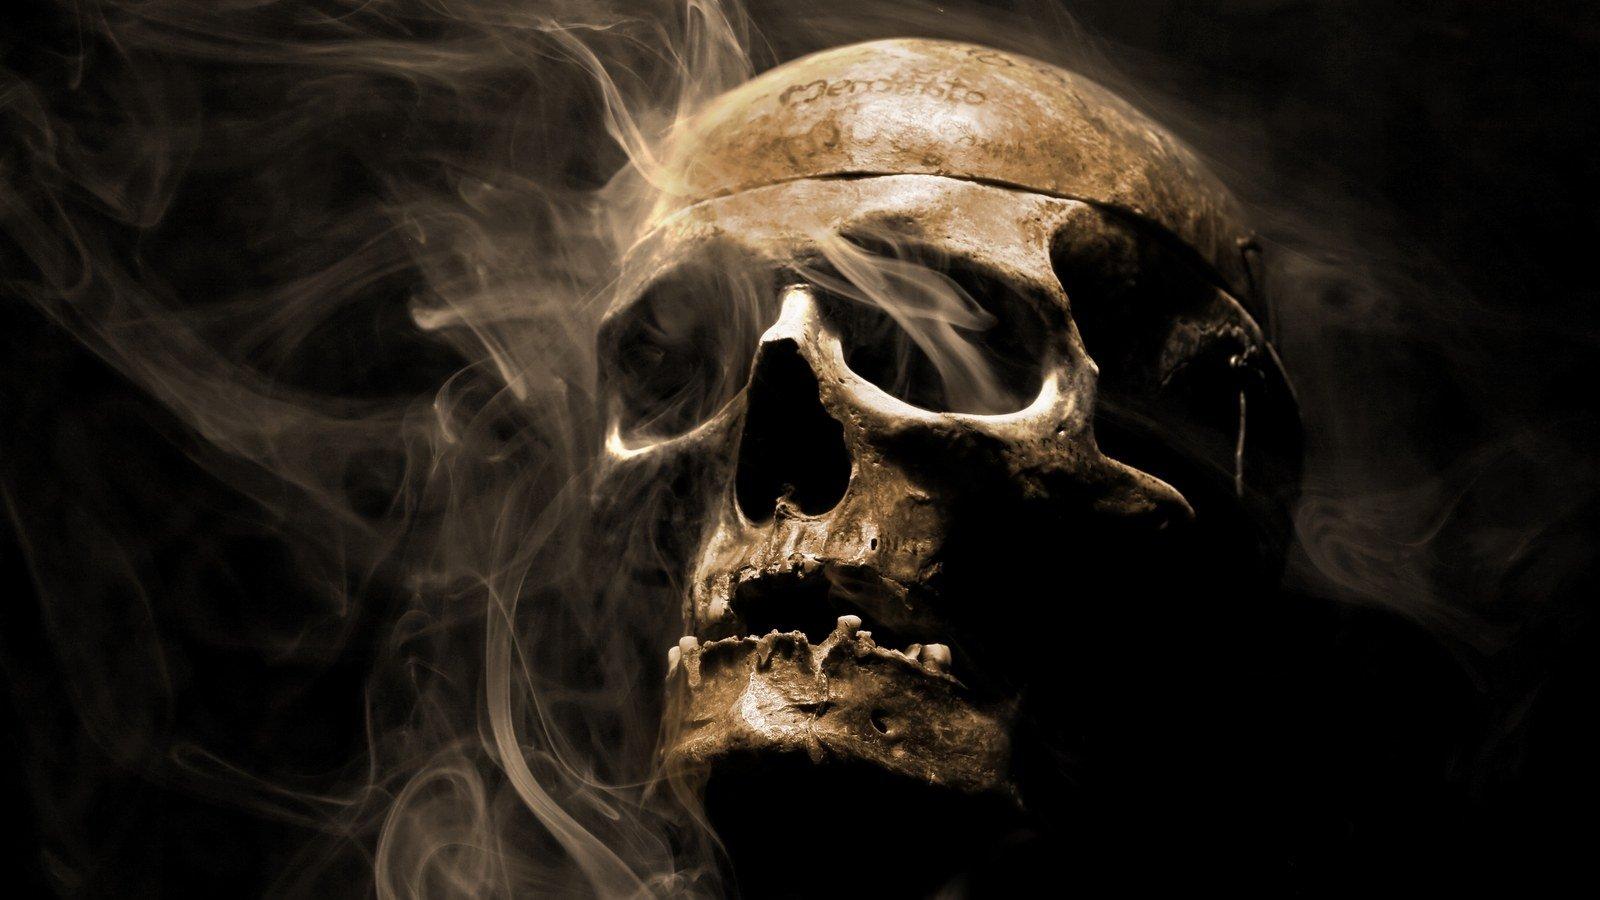 horror skull wallpaper 1600x900 424144 wallpaperup